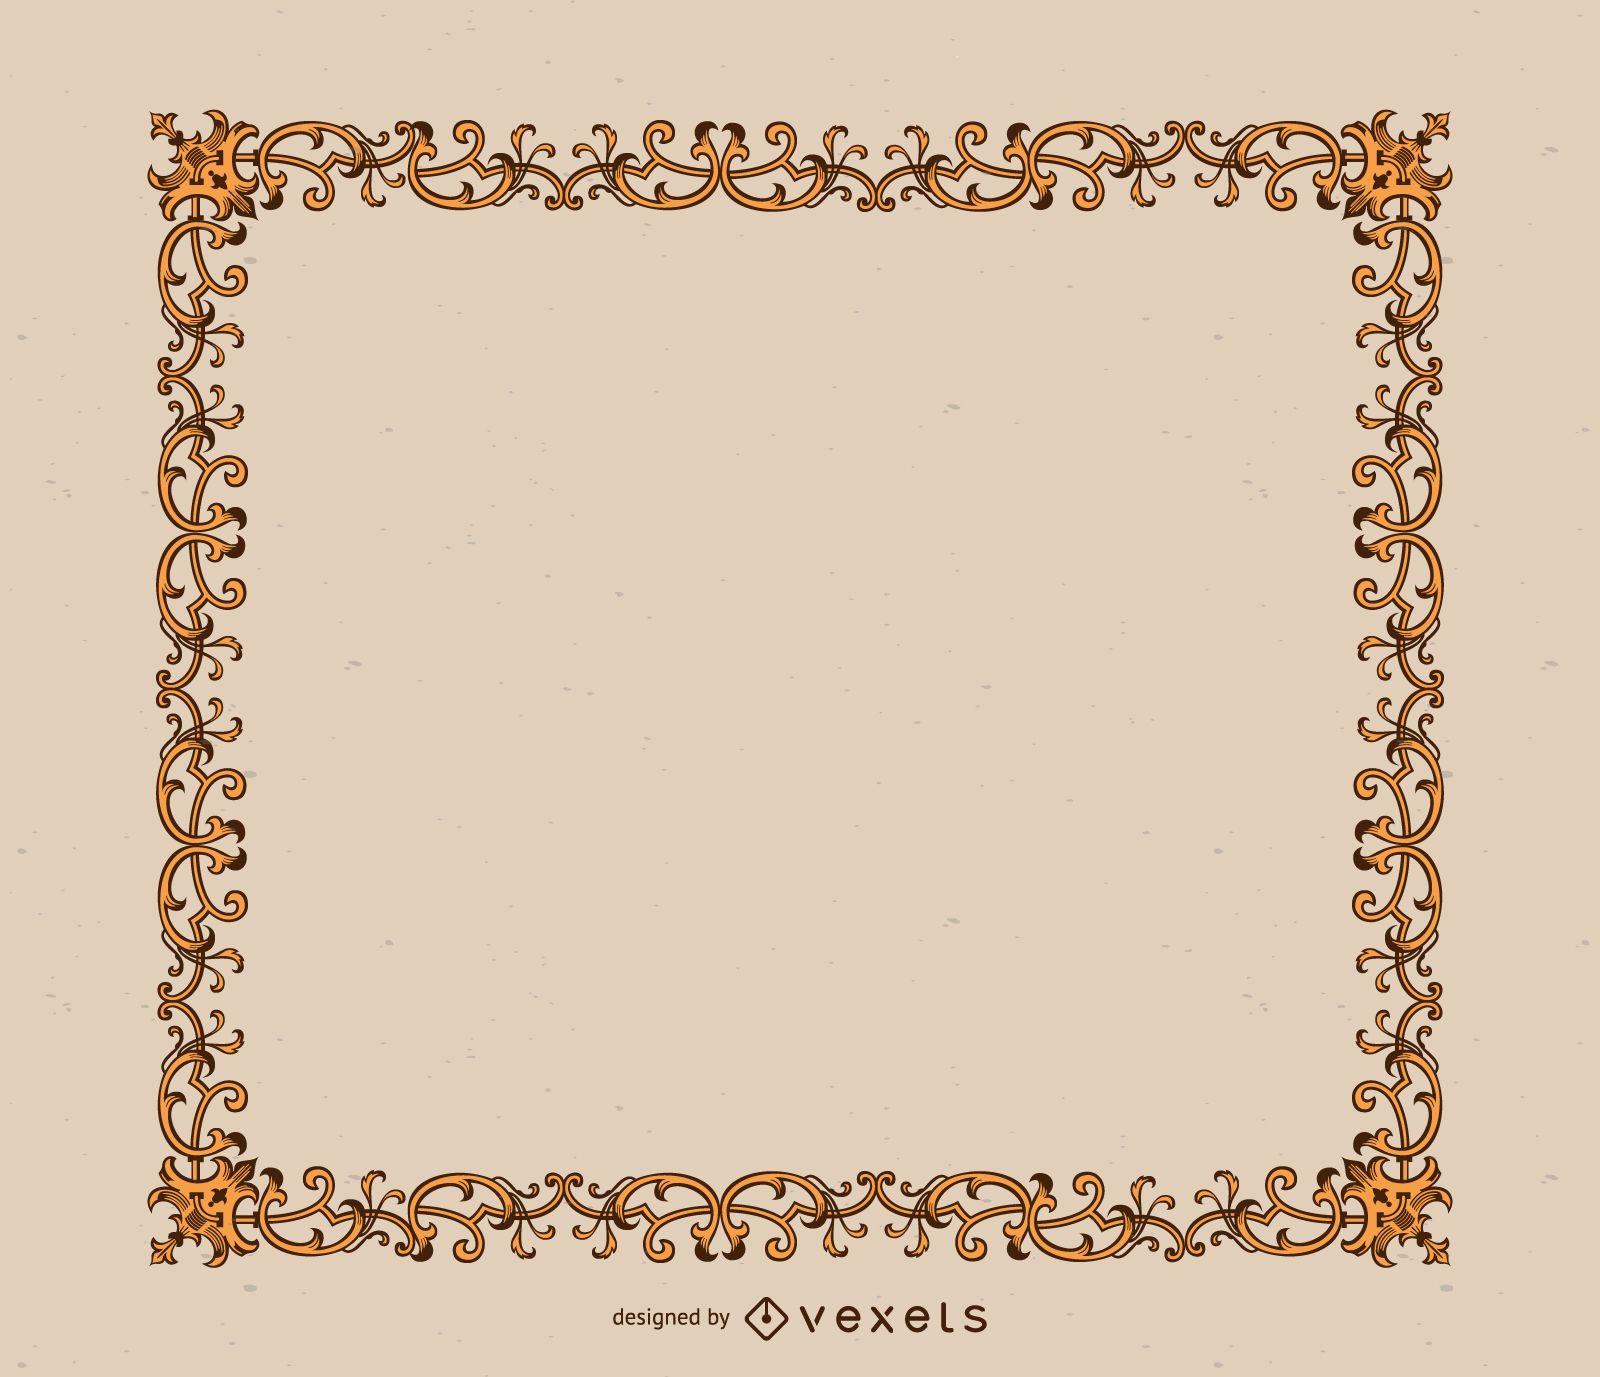 Elegant golden ornaments frame